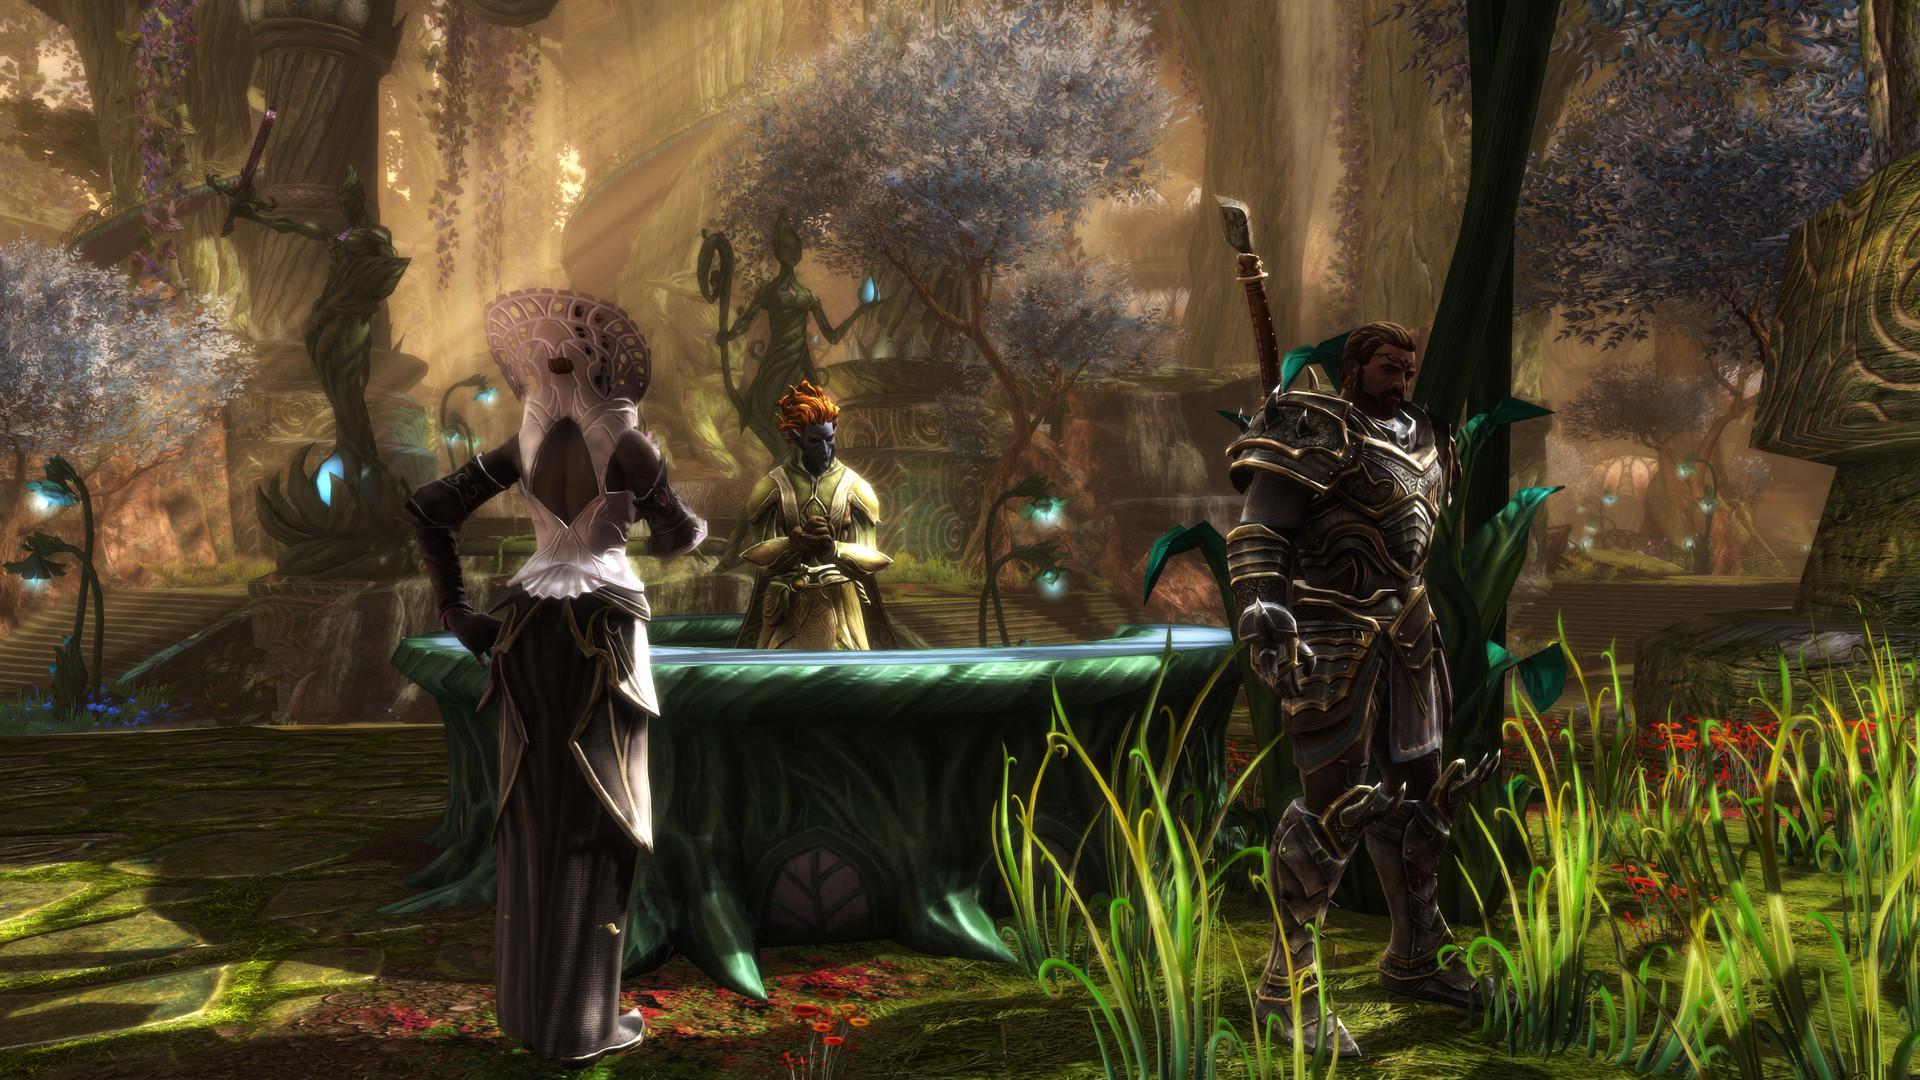 kingdom-of-amalur-re-reckoning-pc-screenshot-02